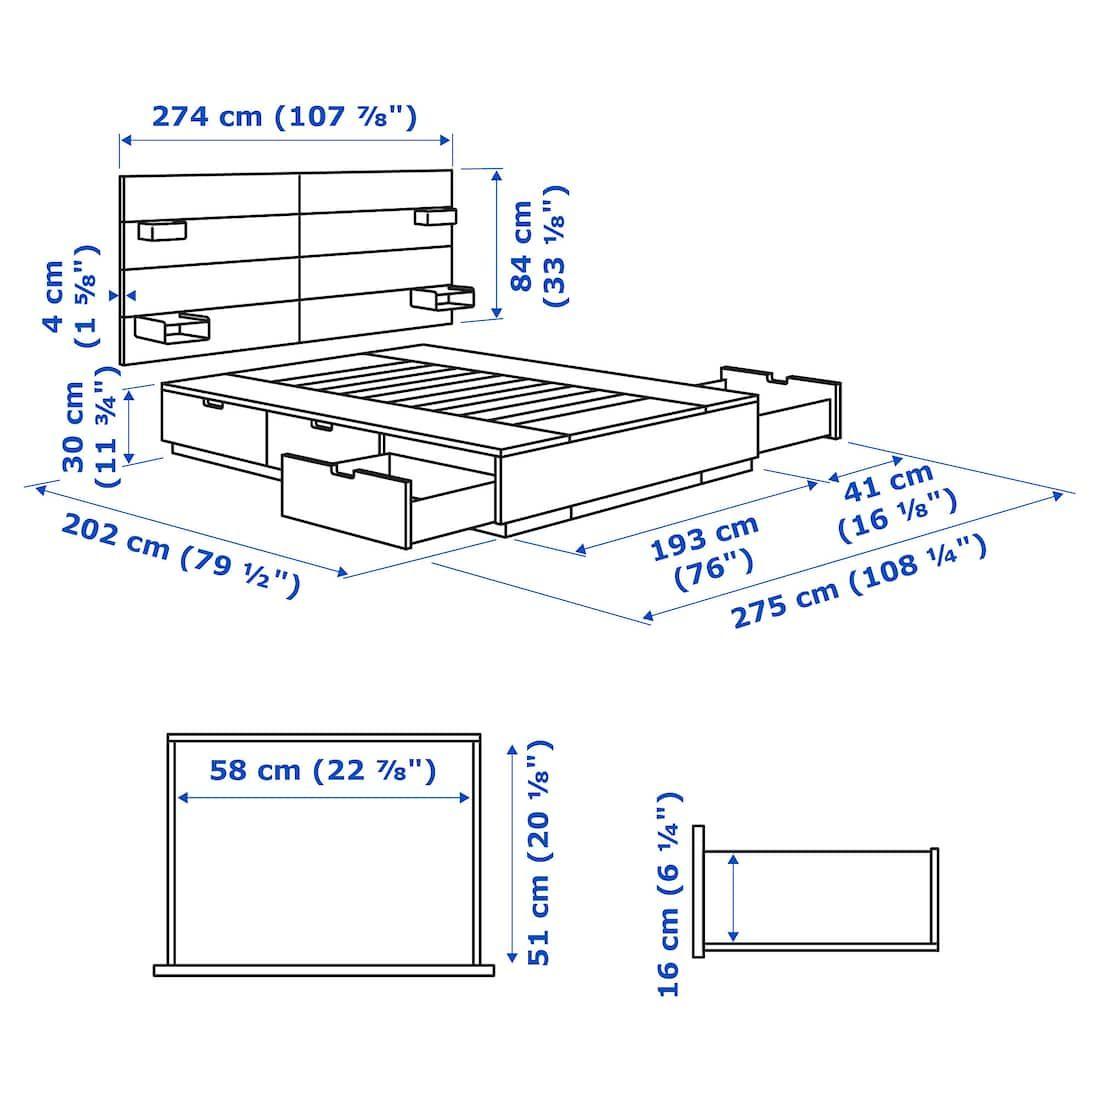 Nordli Bed With Headboard And Storage White King Derevyannye Krovati Dizajny Krovati Sovremennye Krovati